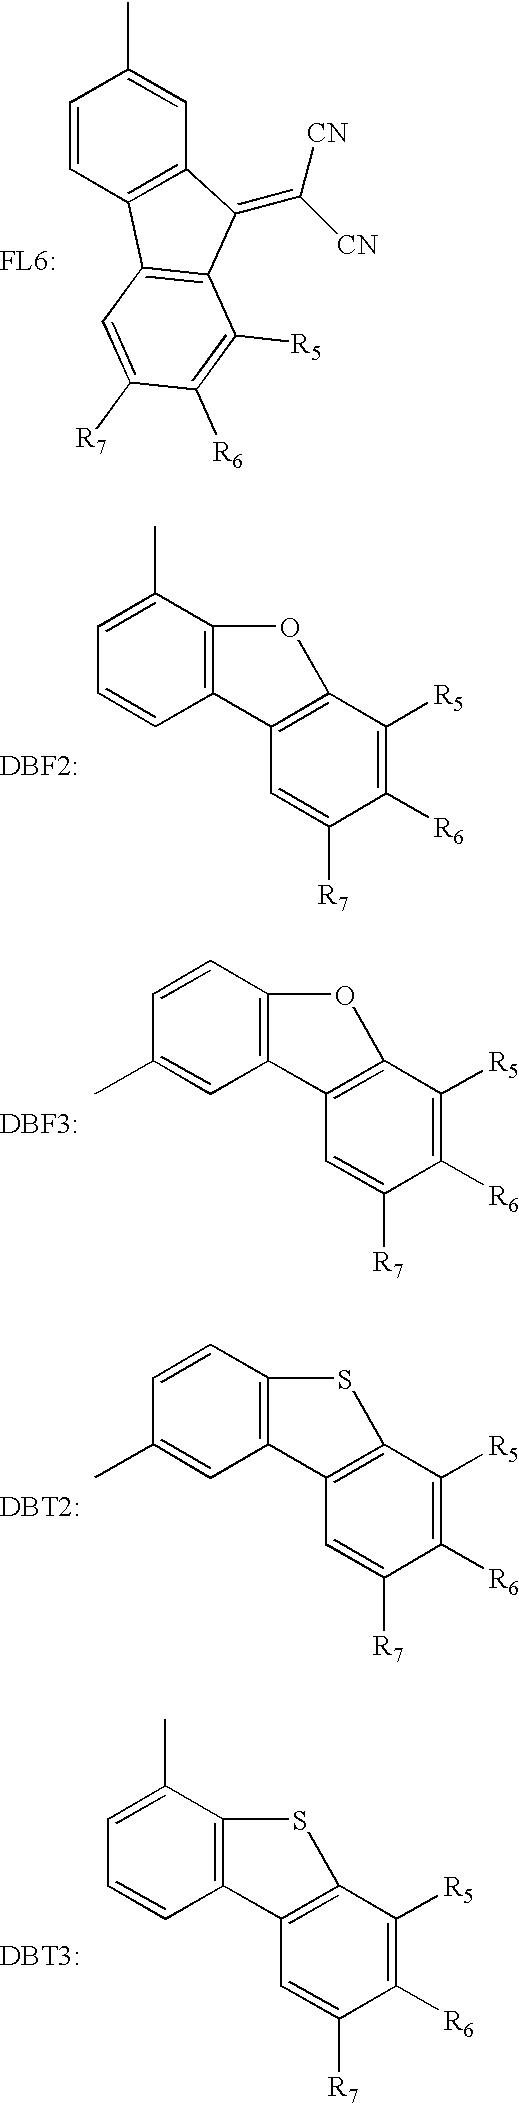 Figure US06921915-20050726-C00011